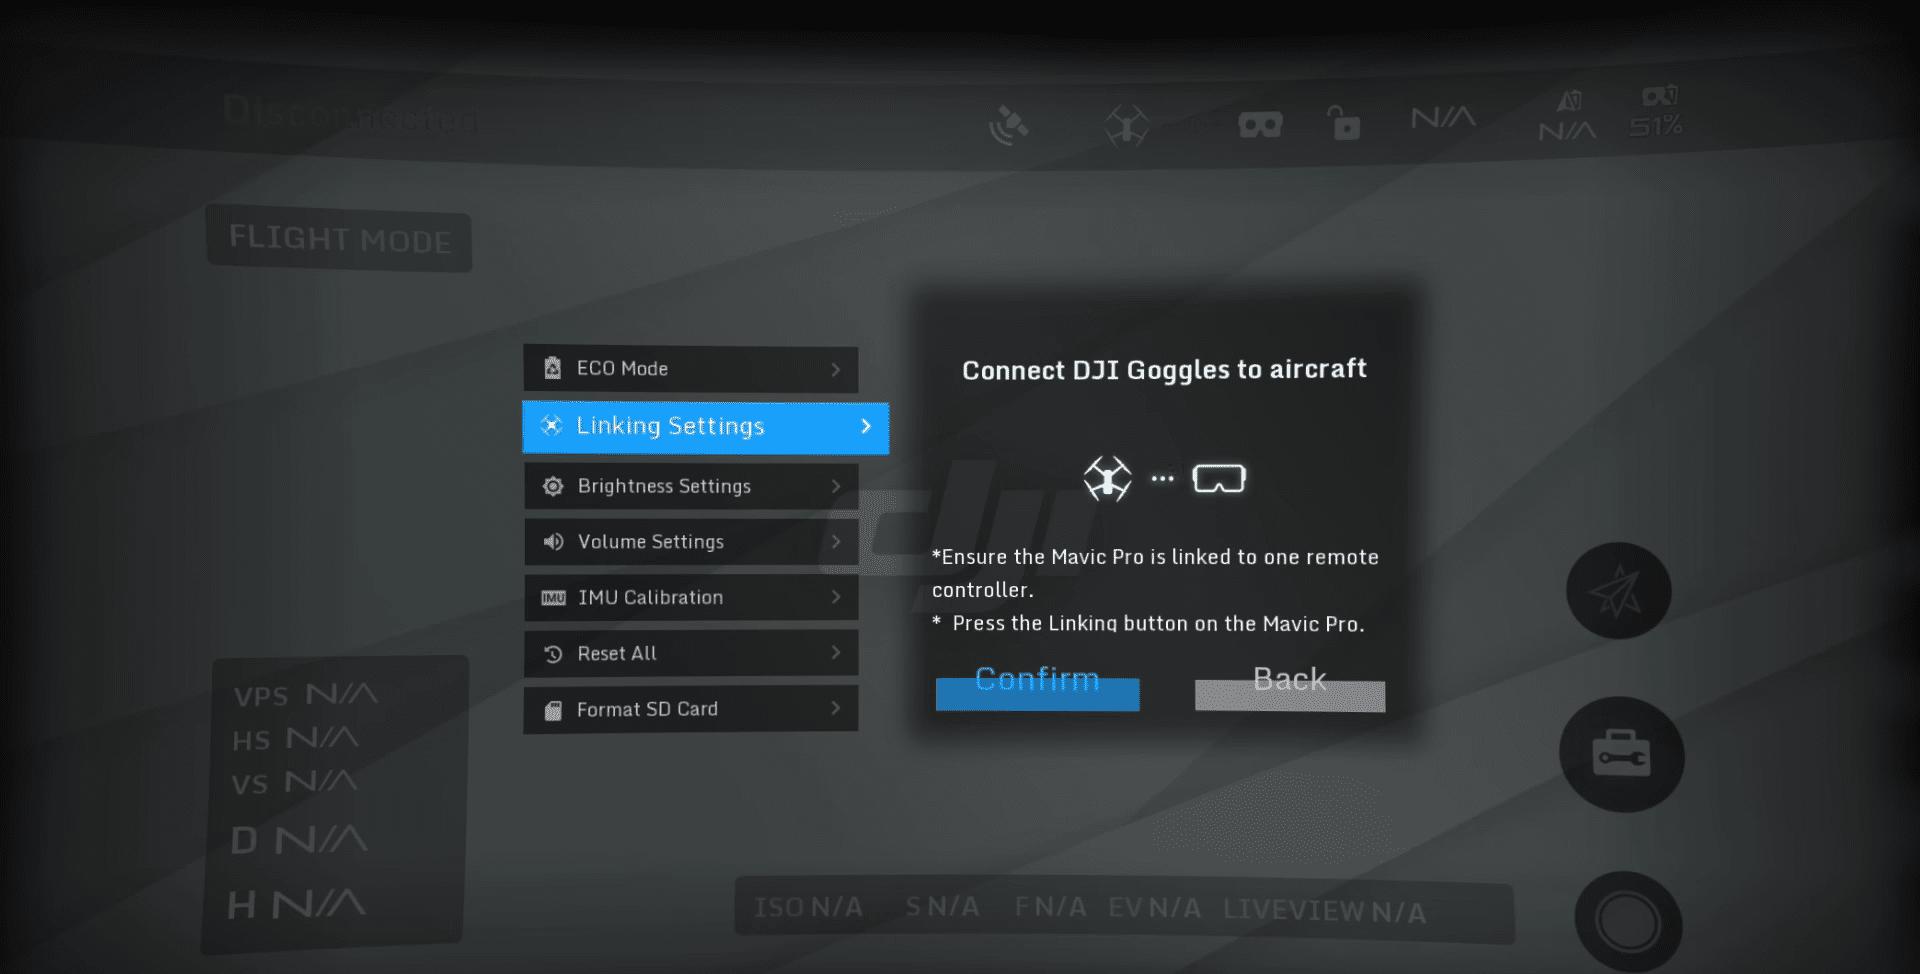 Come collegare i Dji Goggles al drone